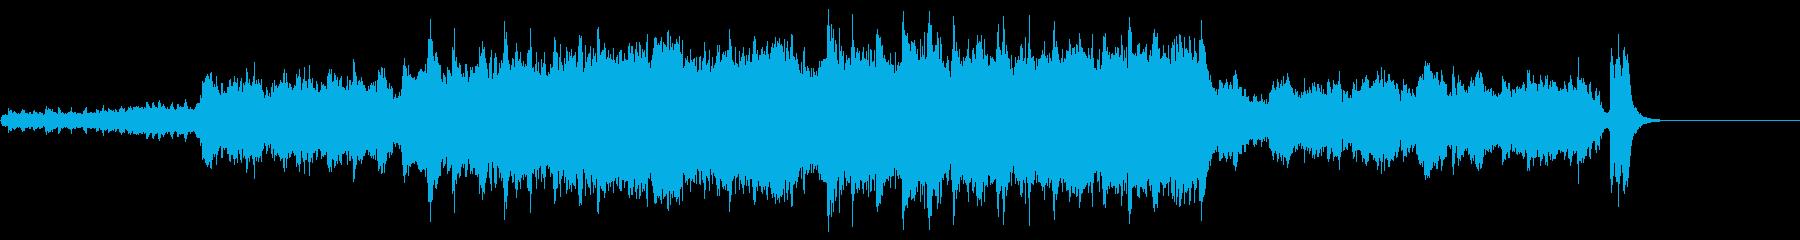 ストリングスがメインの緊迫したサントラ風の再生済みの波形